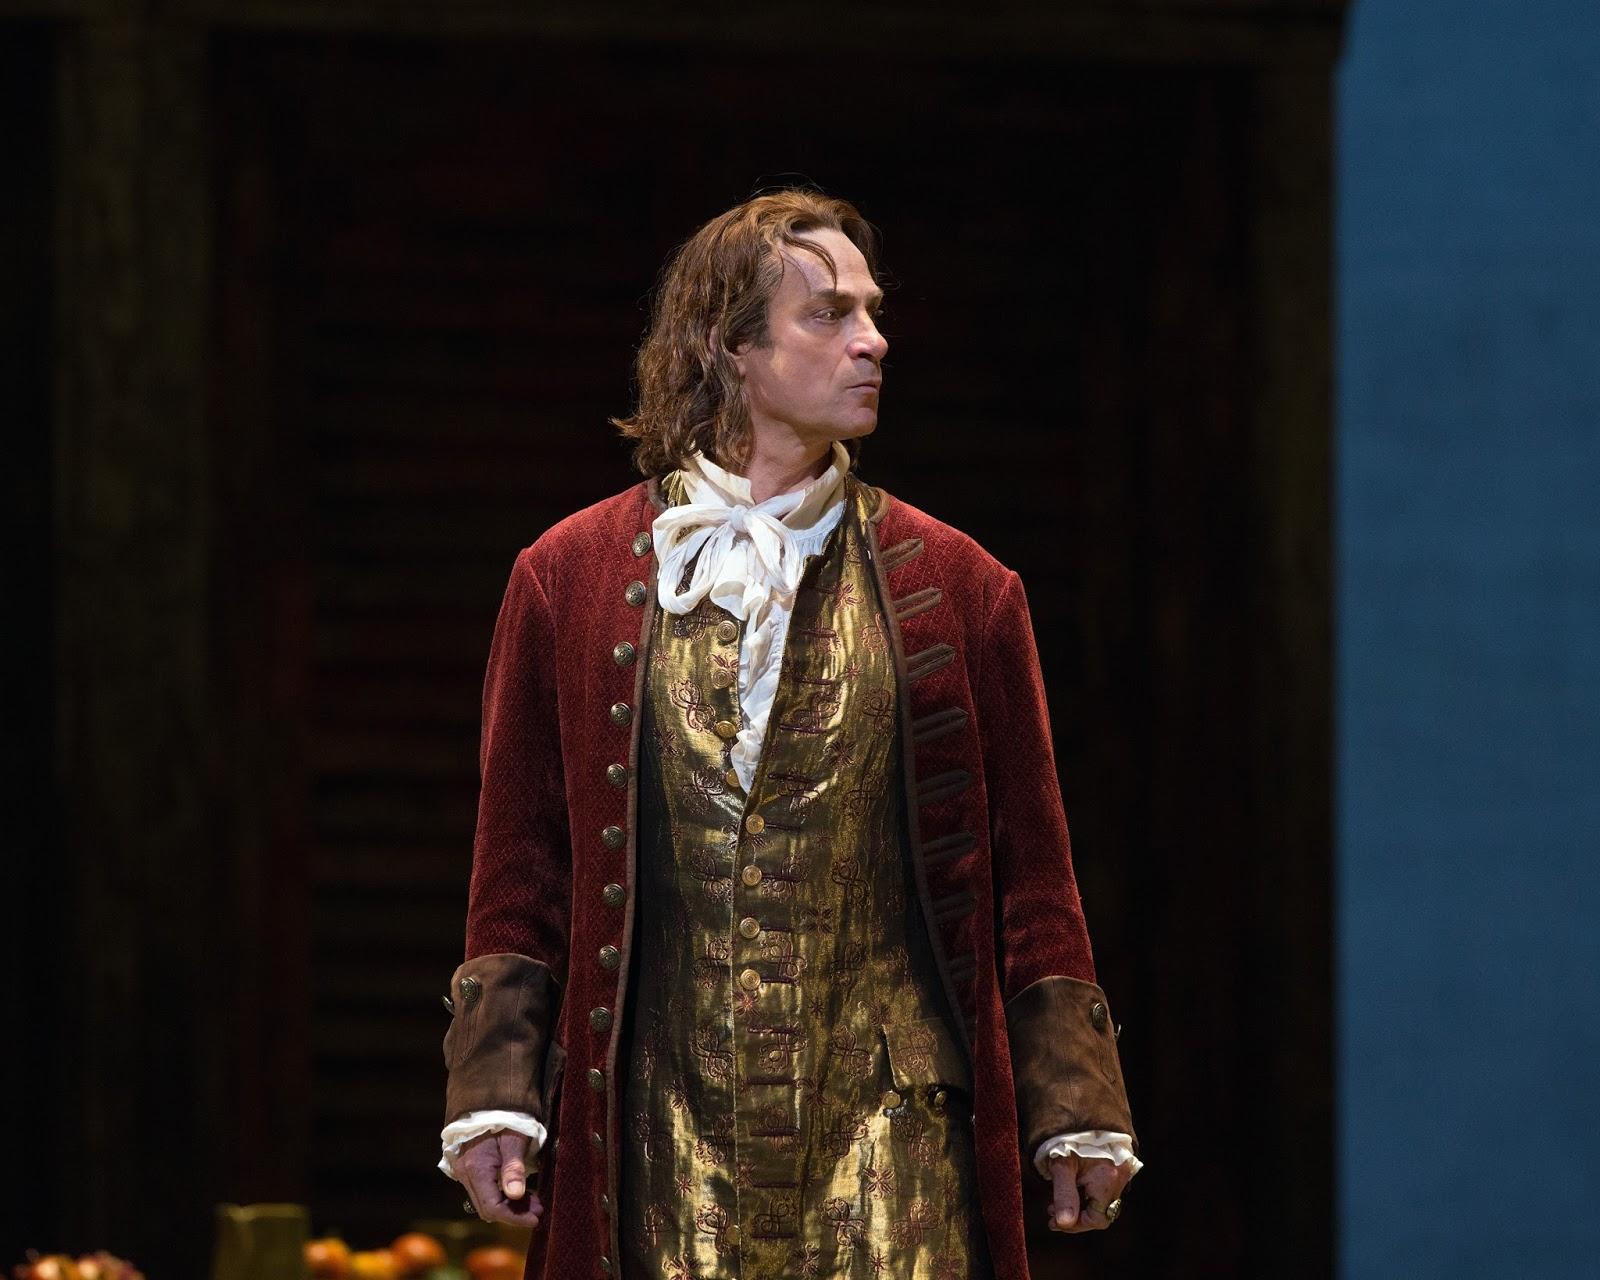 BARIHUNKS ®: Simon Keenlyside's Don Giovanni coming to PBS